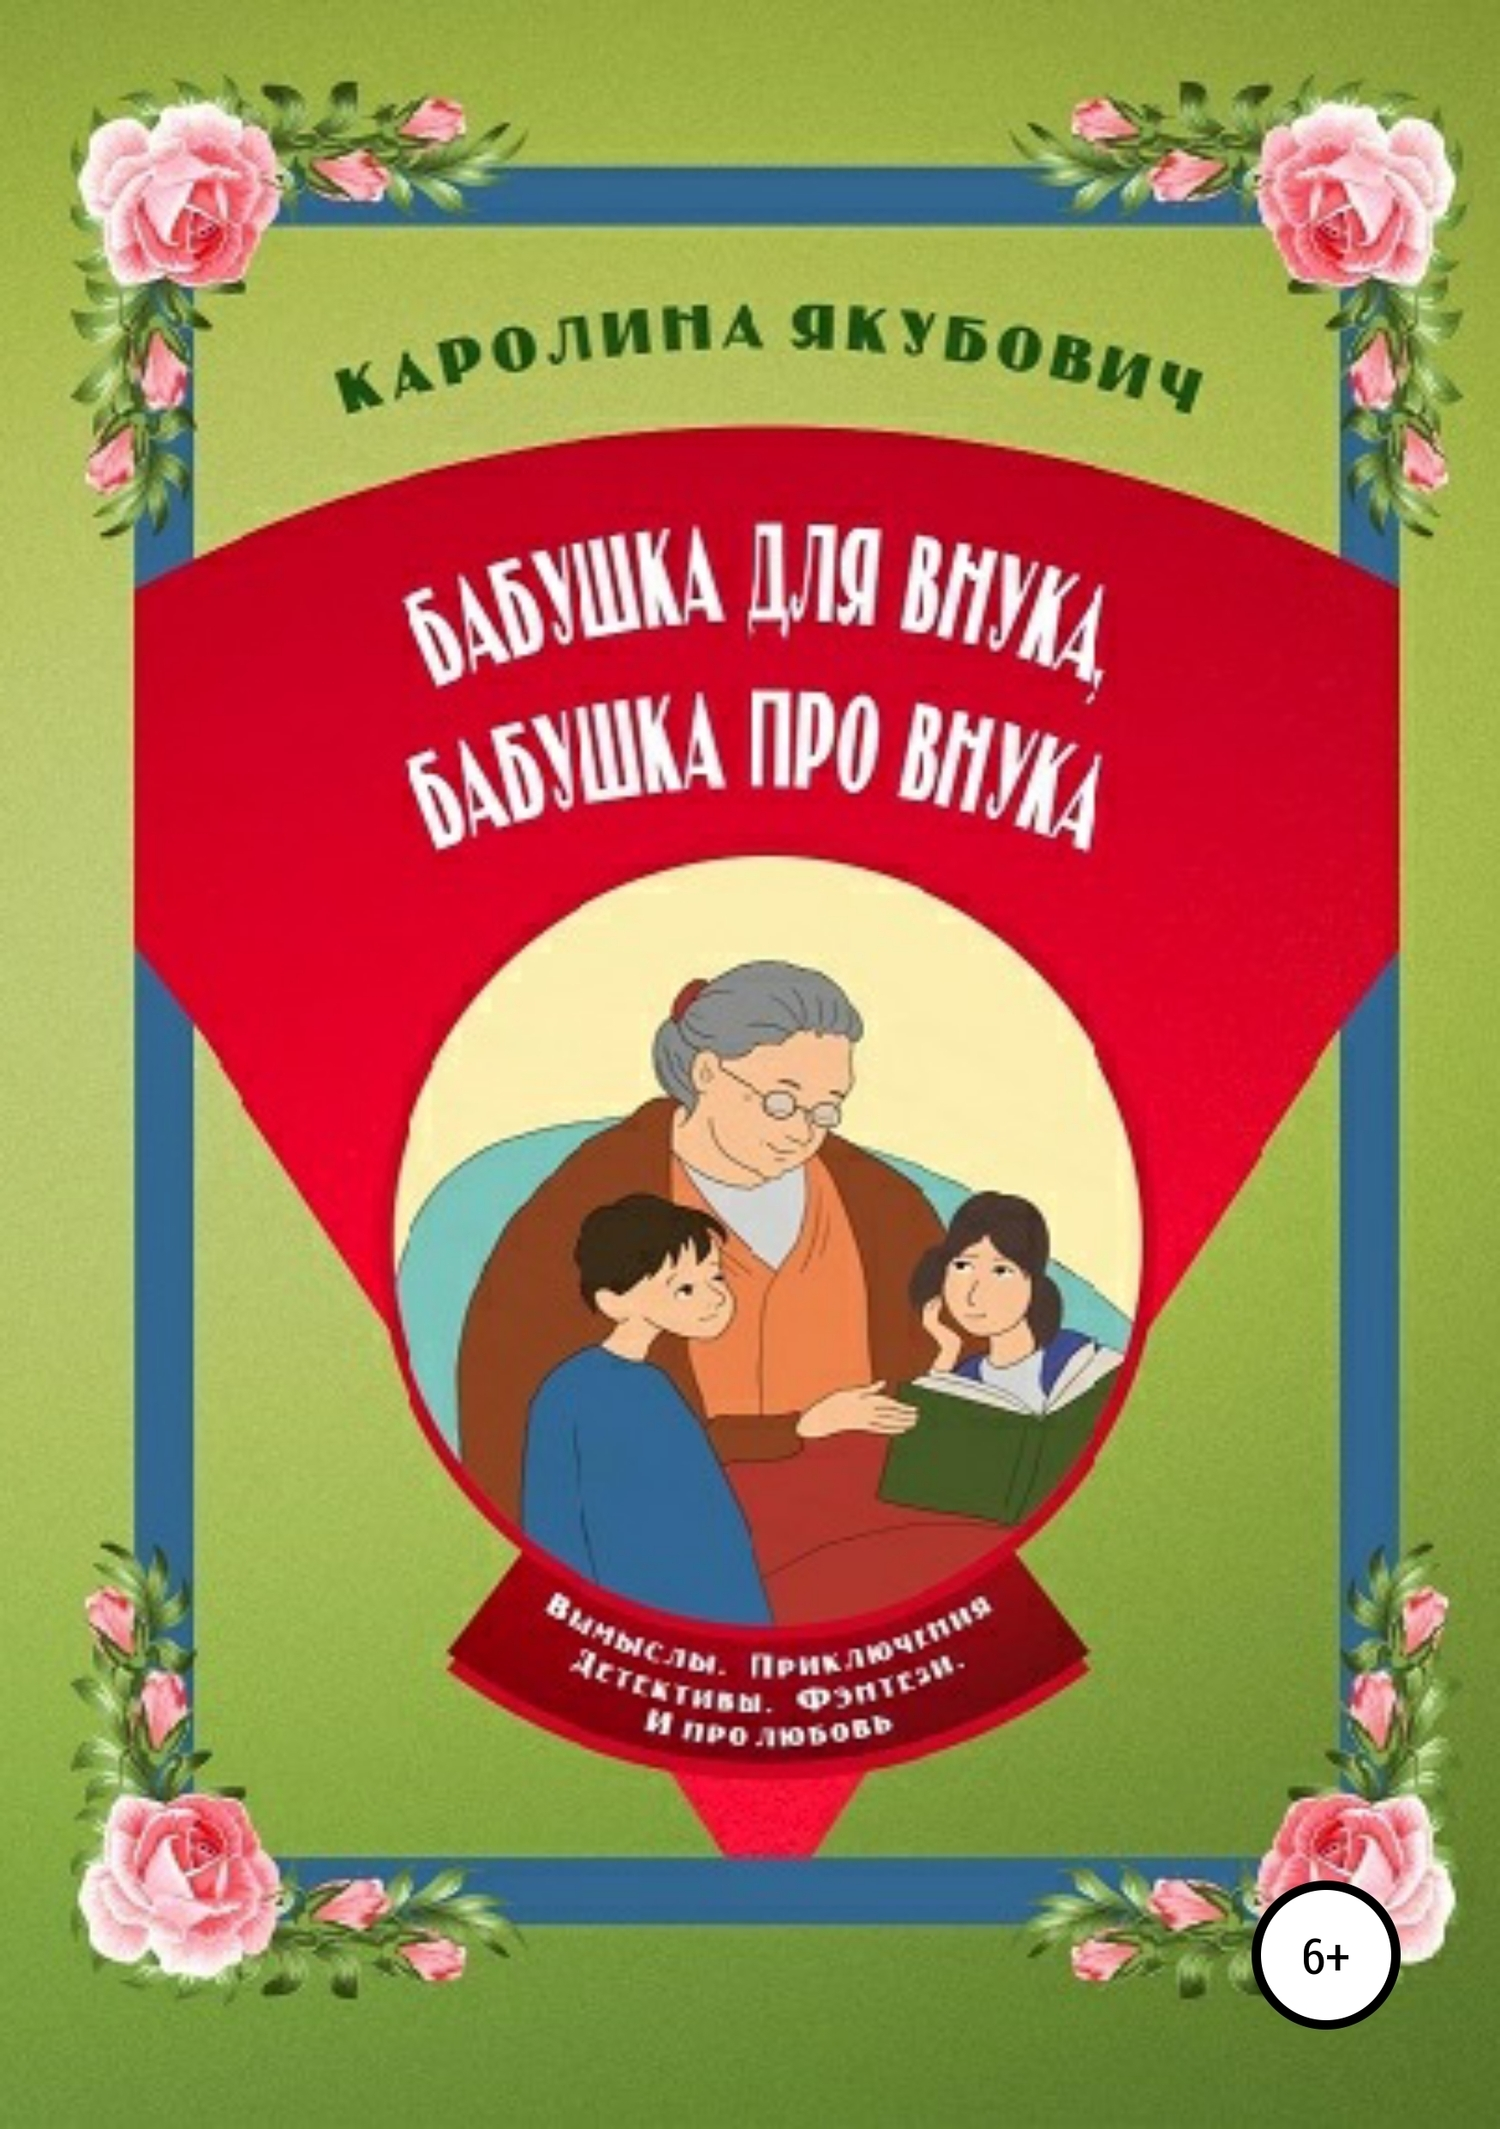 Каролина Якубович - Бабушка для внука, бабушка про внука